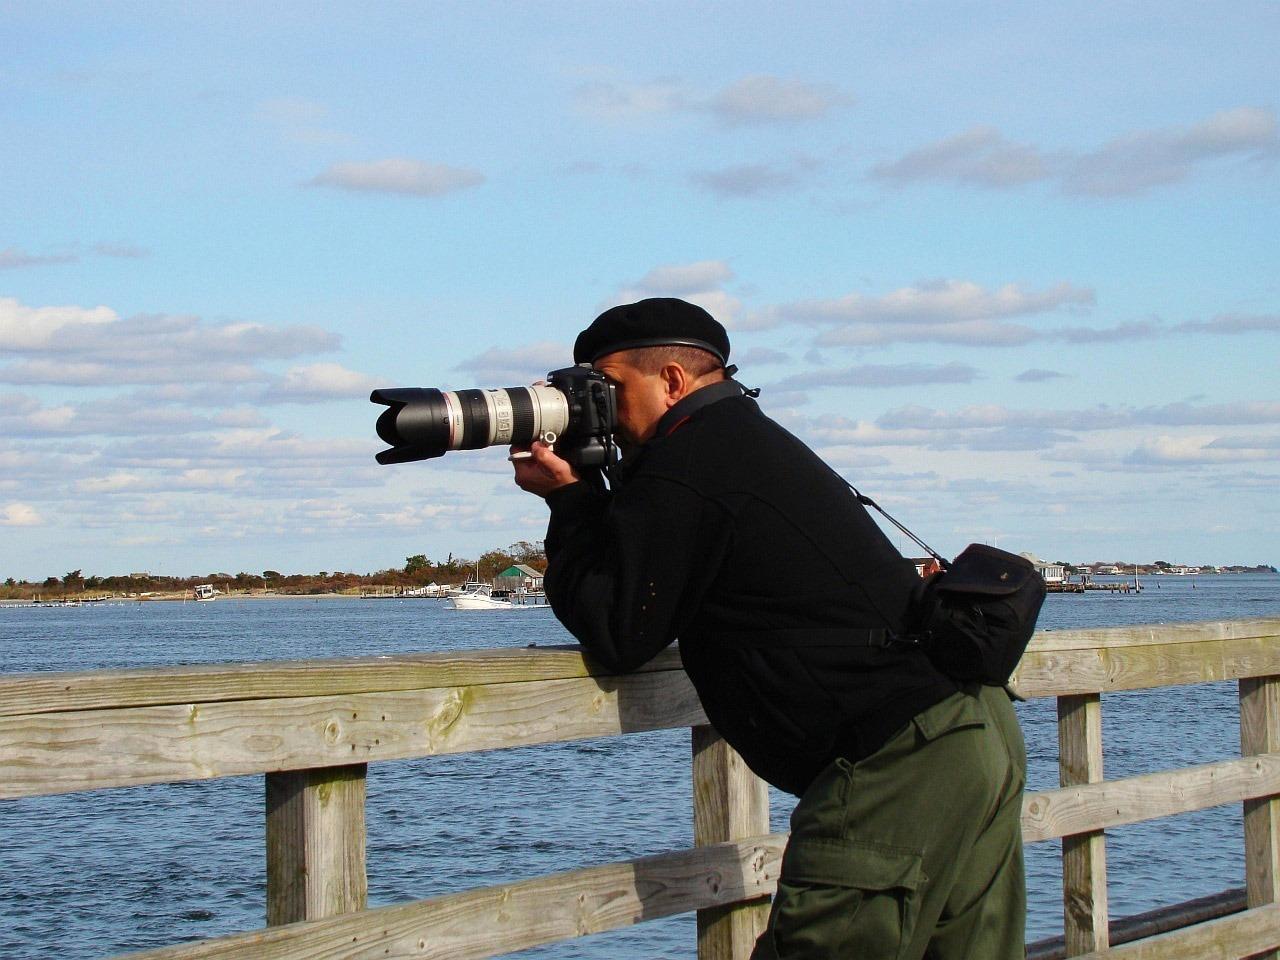 Sådan tager du bedre billeder: Syv tip til at få de gode billeder af din båd